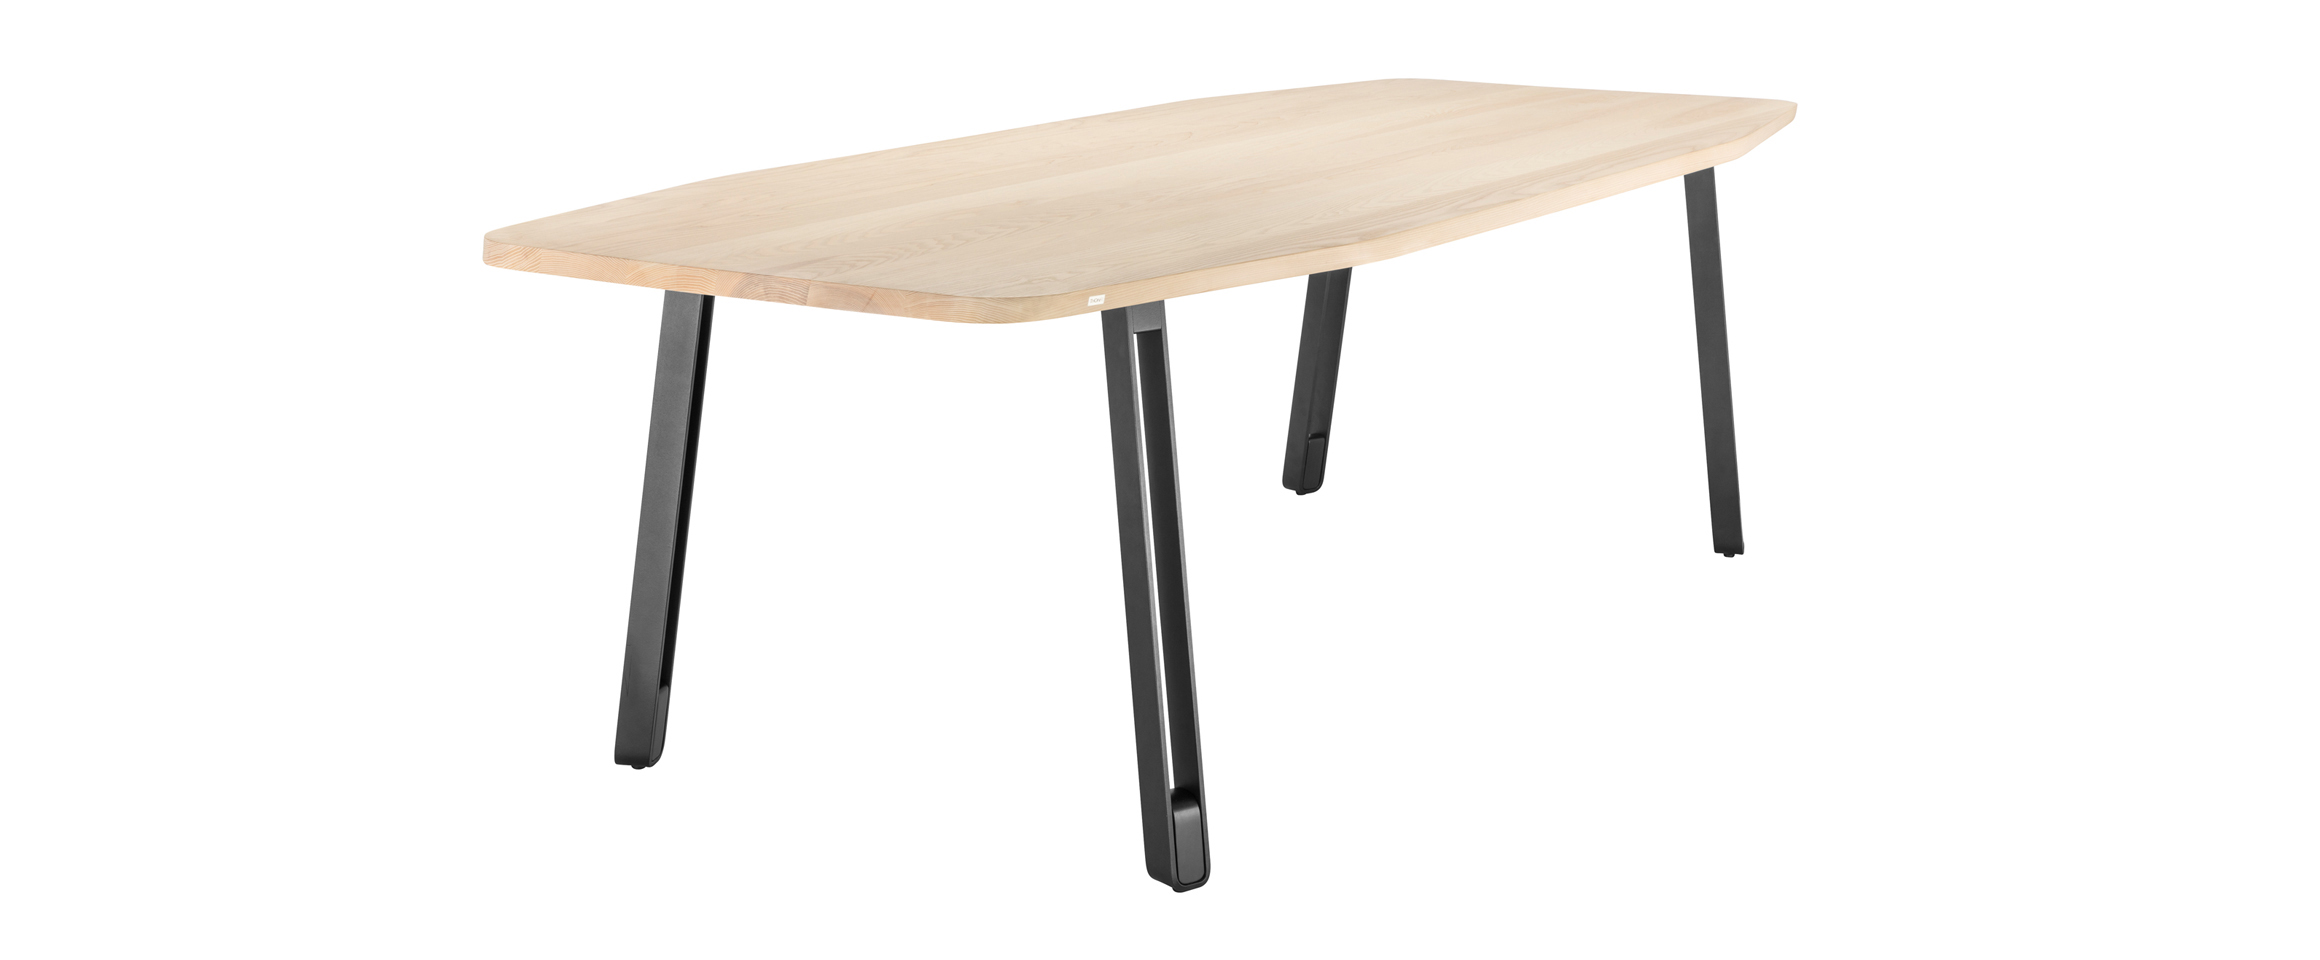 Tisch zeichnung  Programm S 1090 - THONET-Möbel - Stühle, Tische, Sessel und Sofas ...